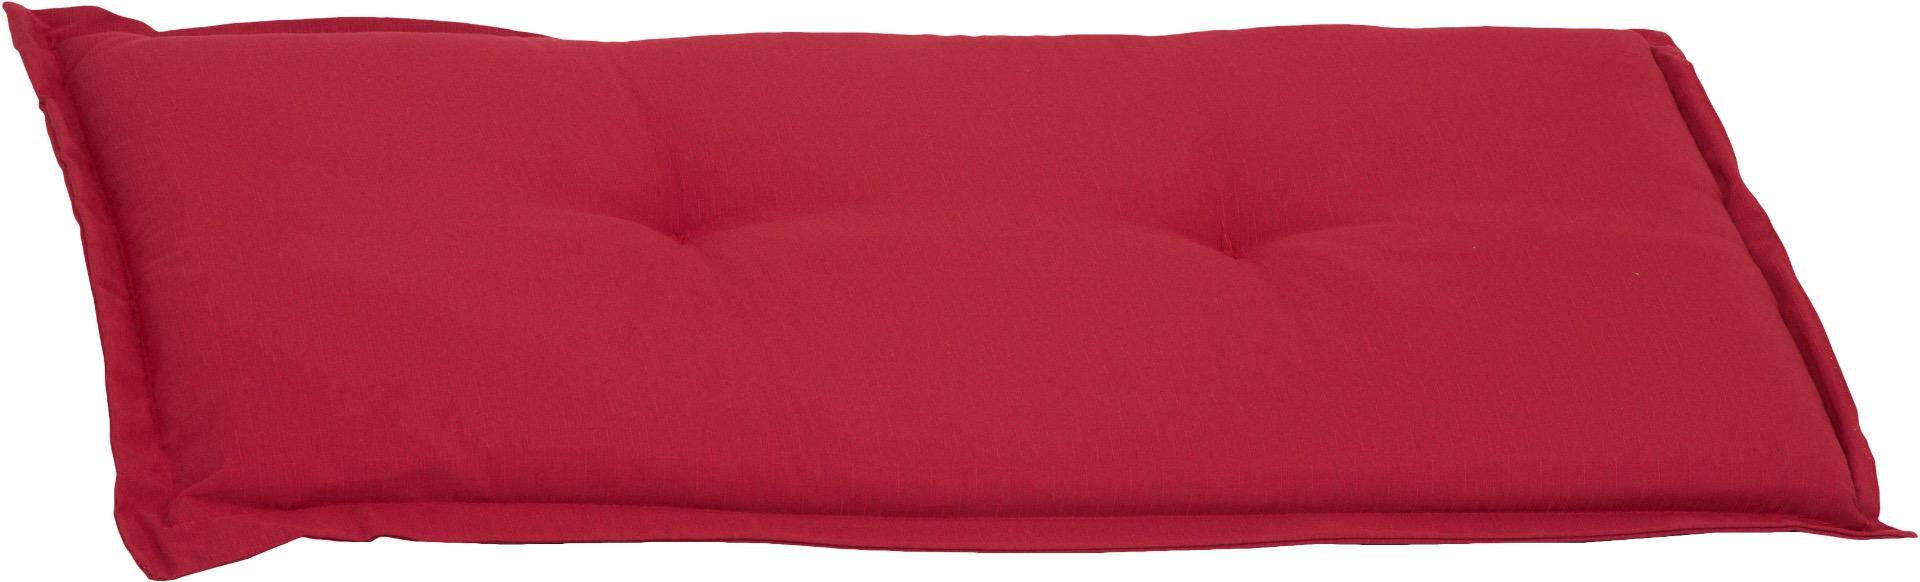 Bankauflage 2-Sitzer Sitzkissen ca. 100x45x6 cm rot meliert